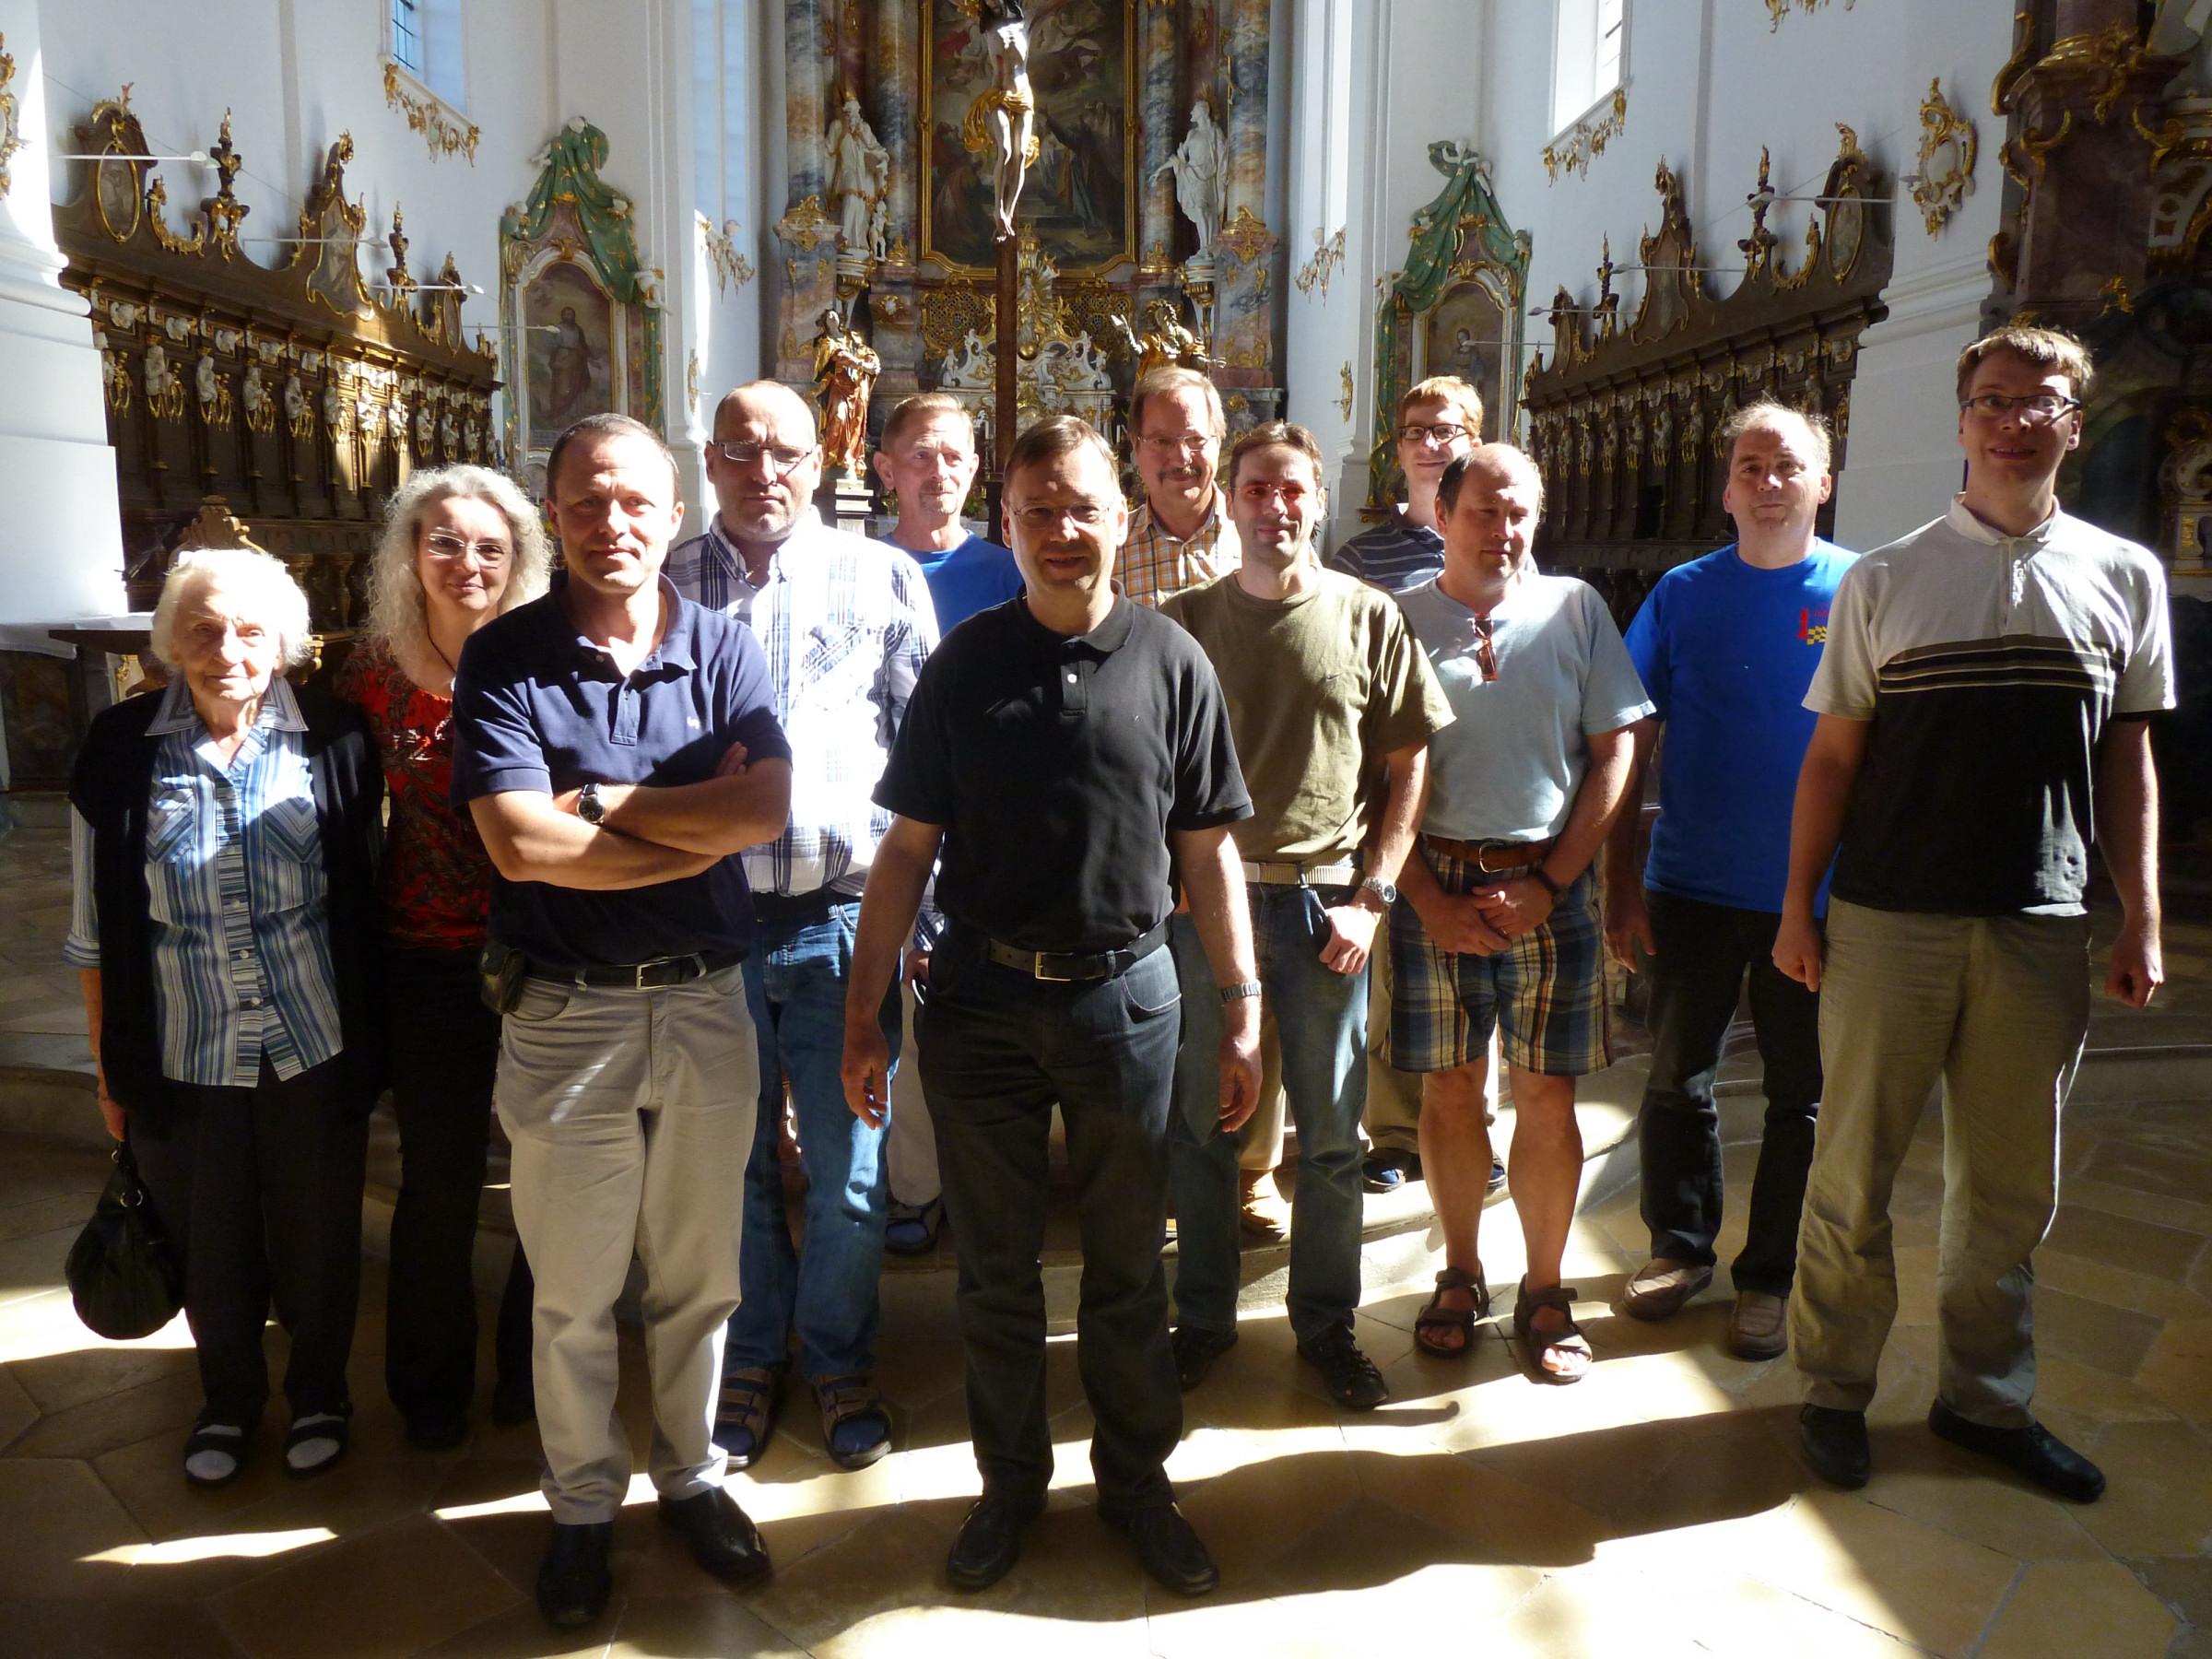 Gruppenbild im Kloster Roggenburg